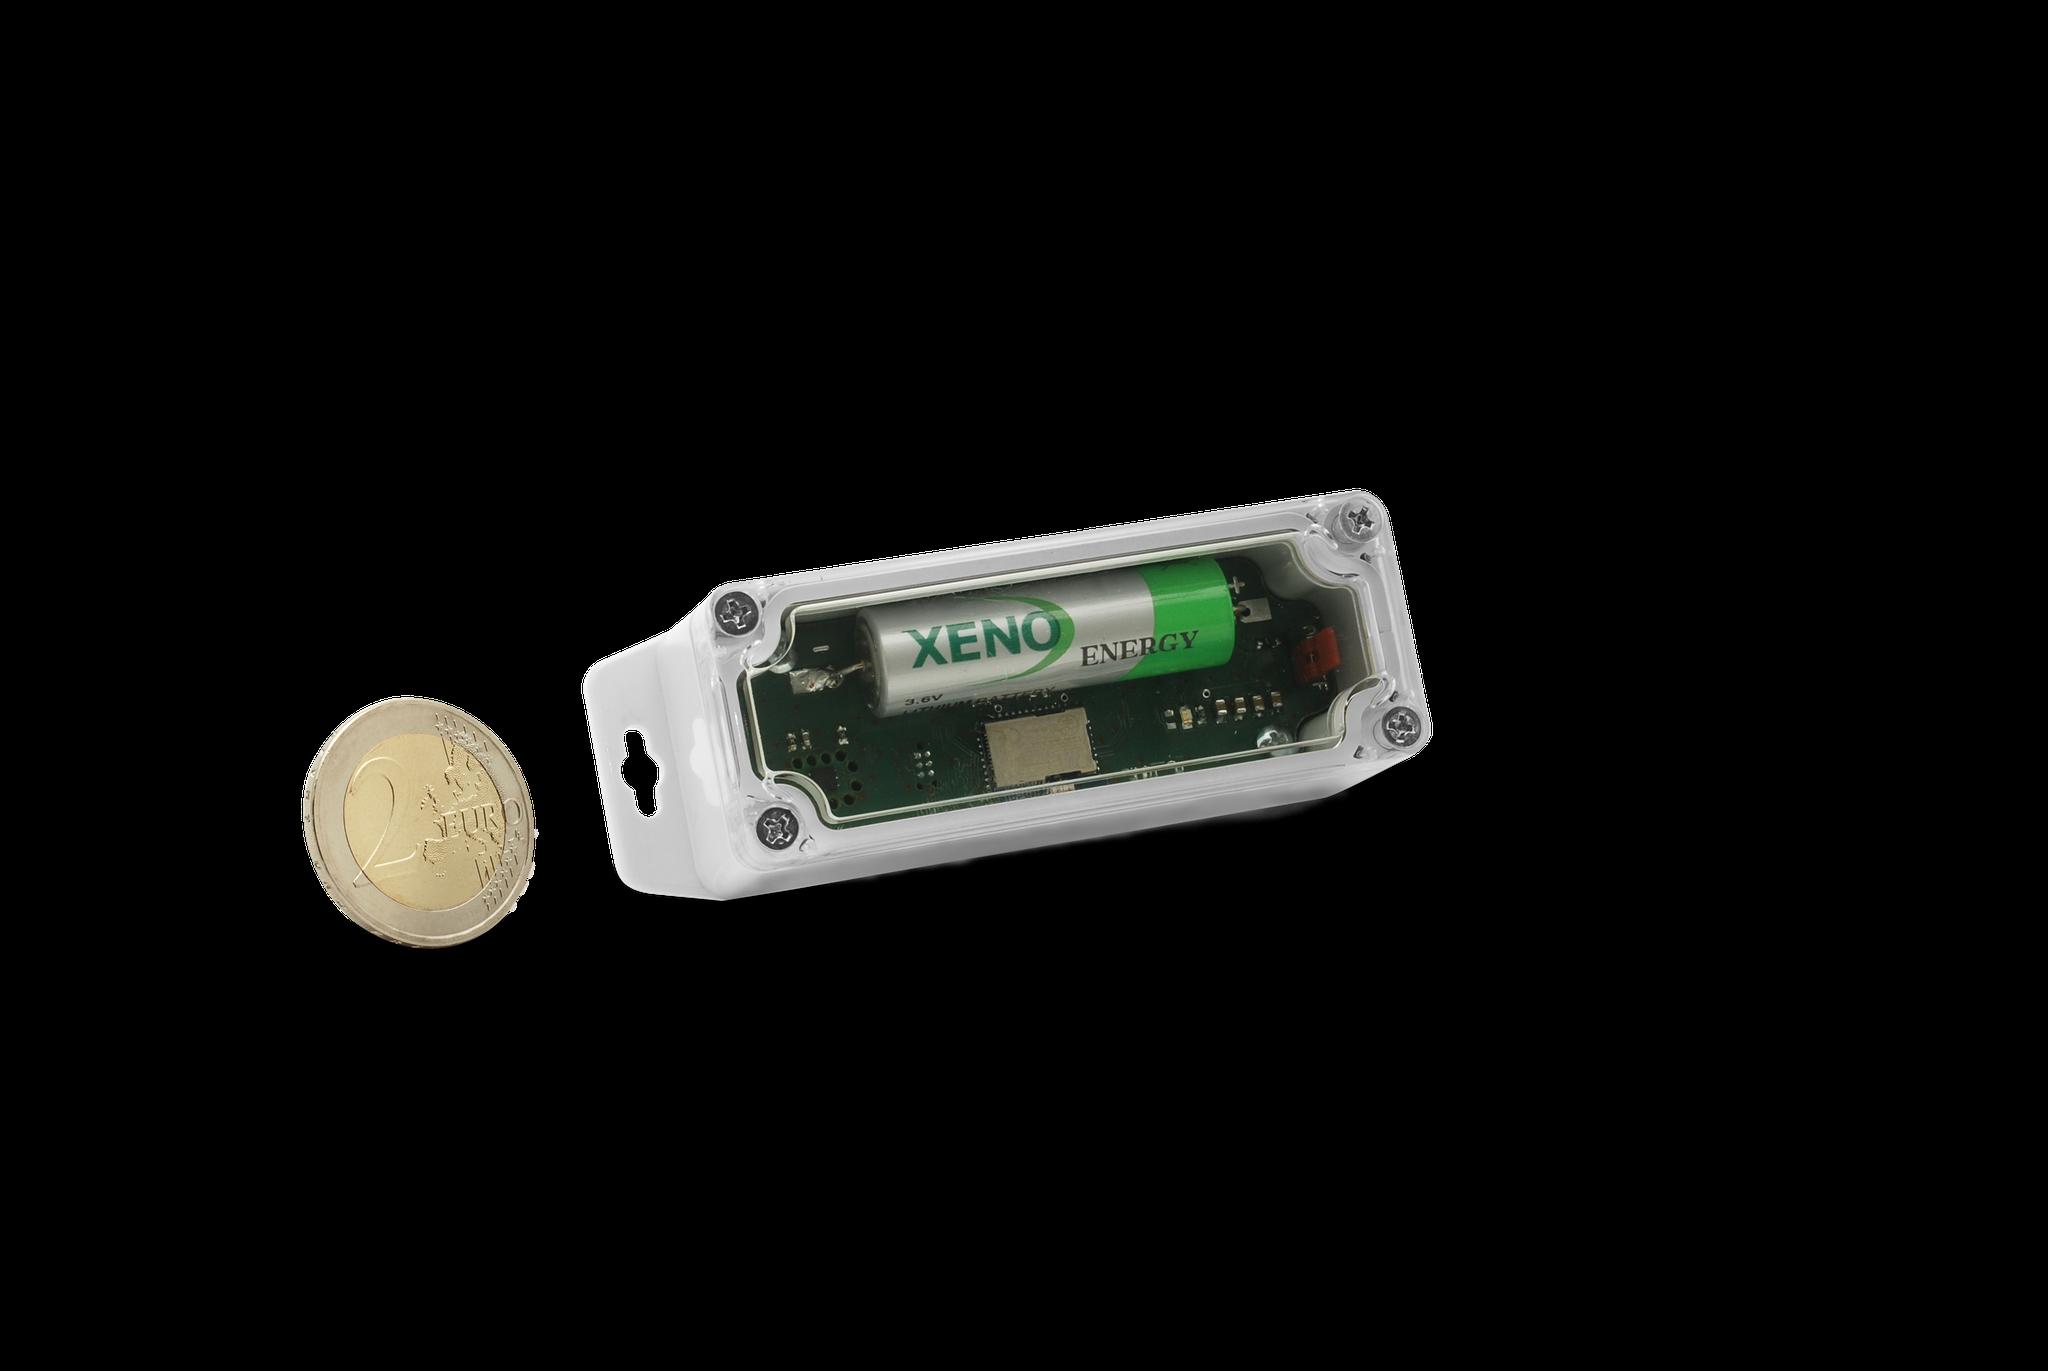 Industrie Smart TAG - umfangreiche Sensorik möglich, z.B. für Temperatur, Luftfeuchte, Licht, Luftdruck, Gas, co2,  3D-Bewegung/Schock/Vibration (Inertial-Sensorik) und andere